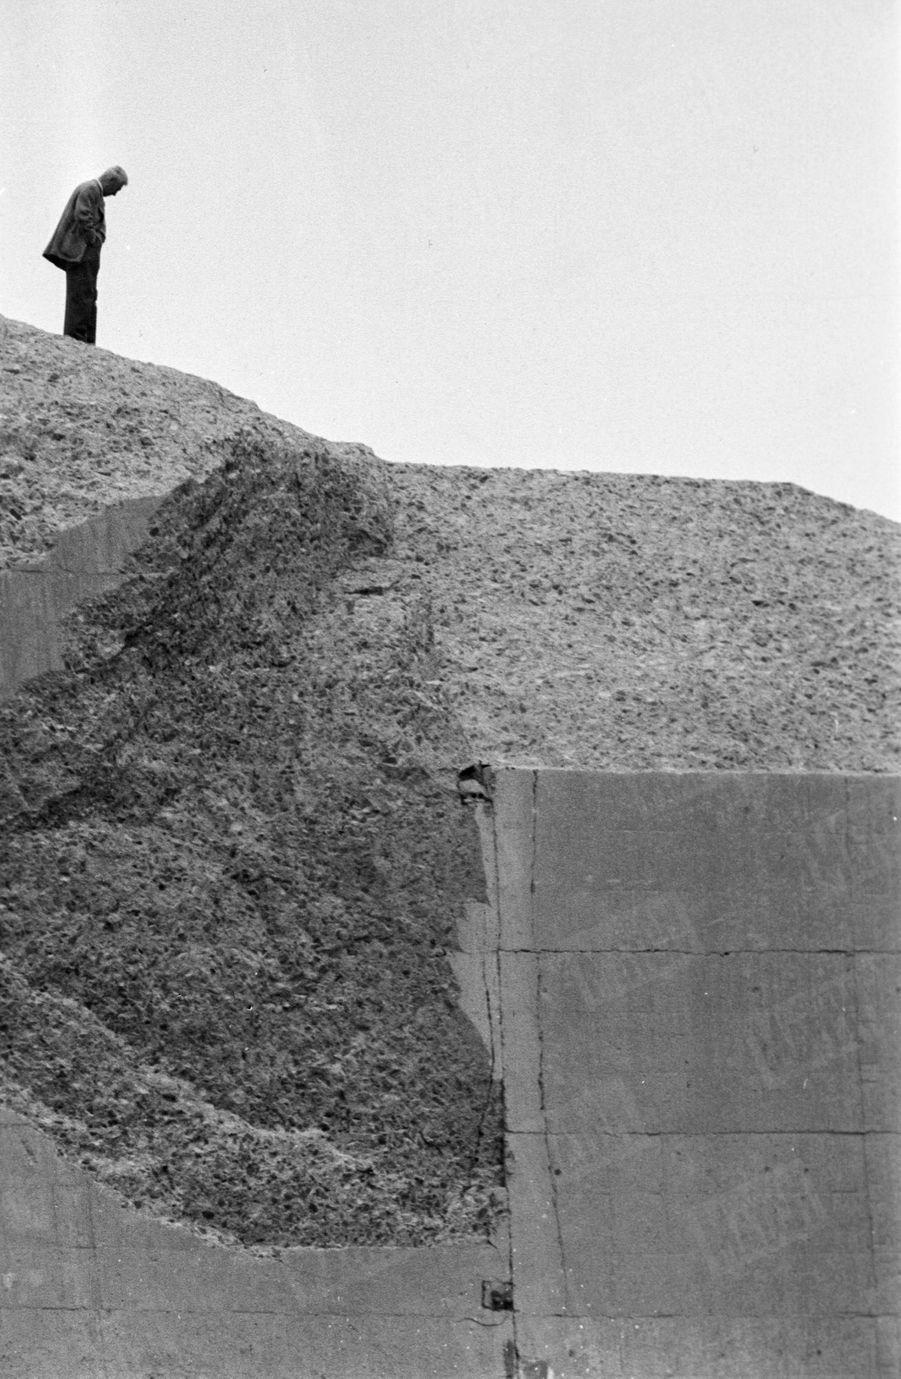 « Cet homme seul, sur les ruines du barrage, qui s'éponge le visage, c'est l'architecte, M. André Coyne. Le soir de la catastrophe, il a pris le train pour Fréjus.» - Paris Match n°558, 19 décembre 1959.